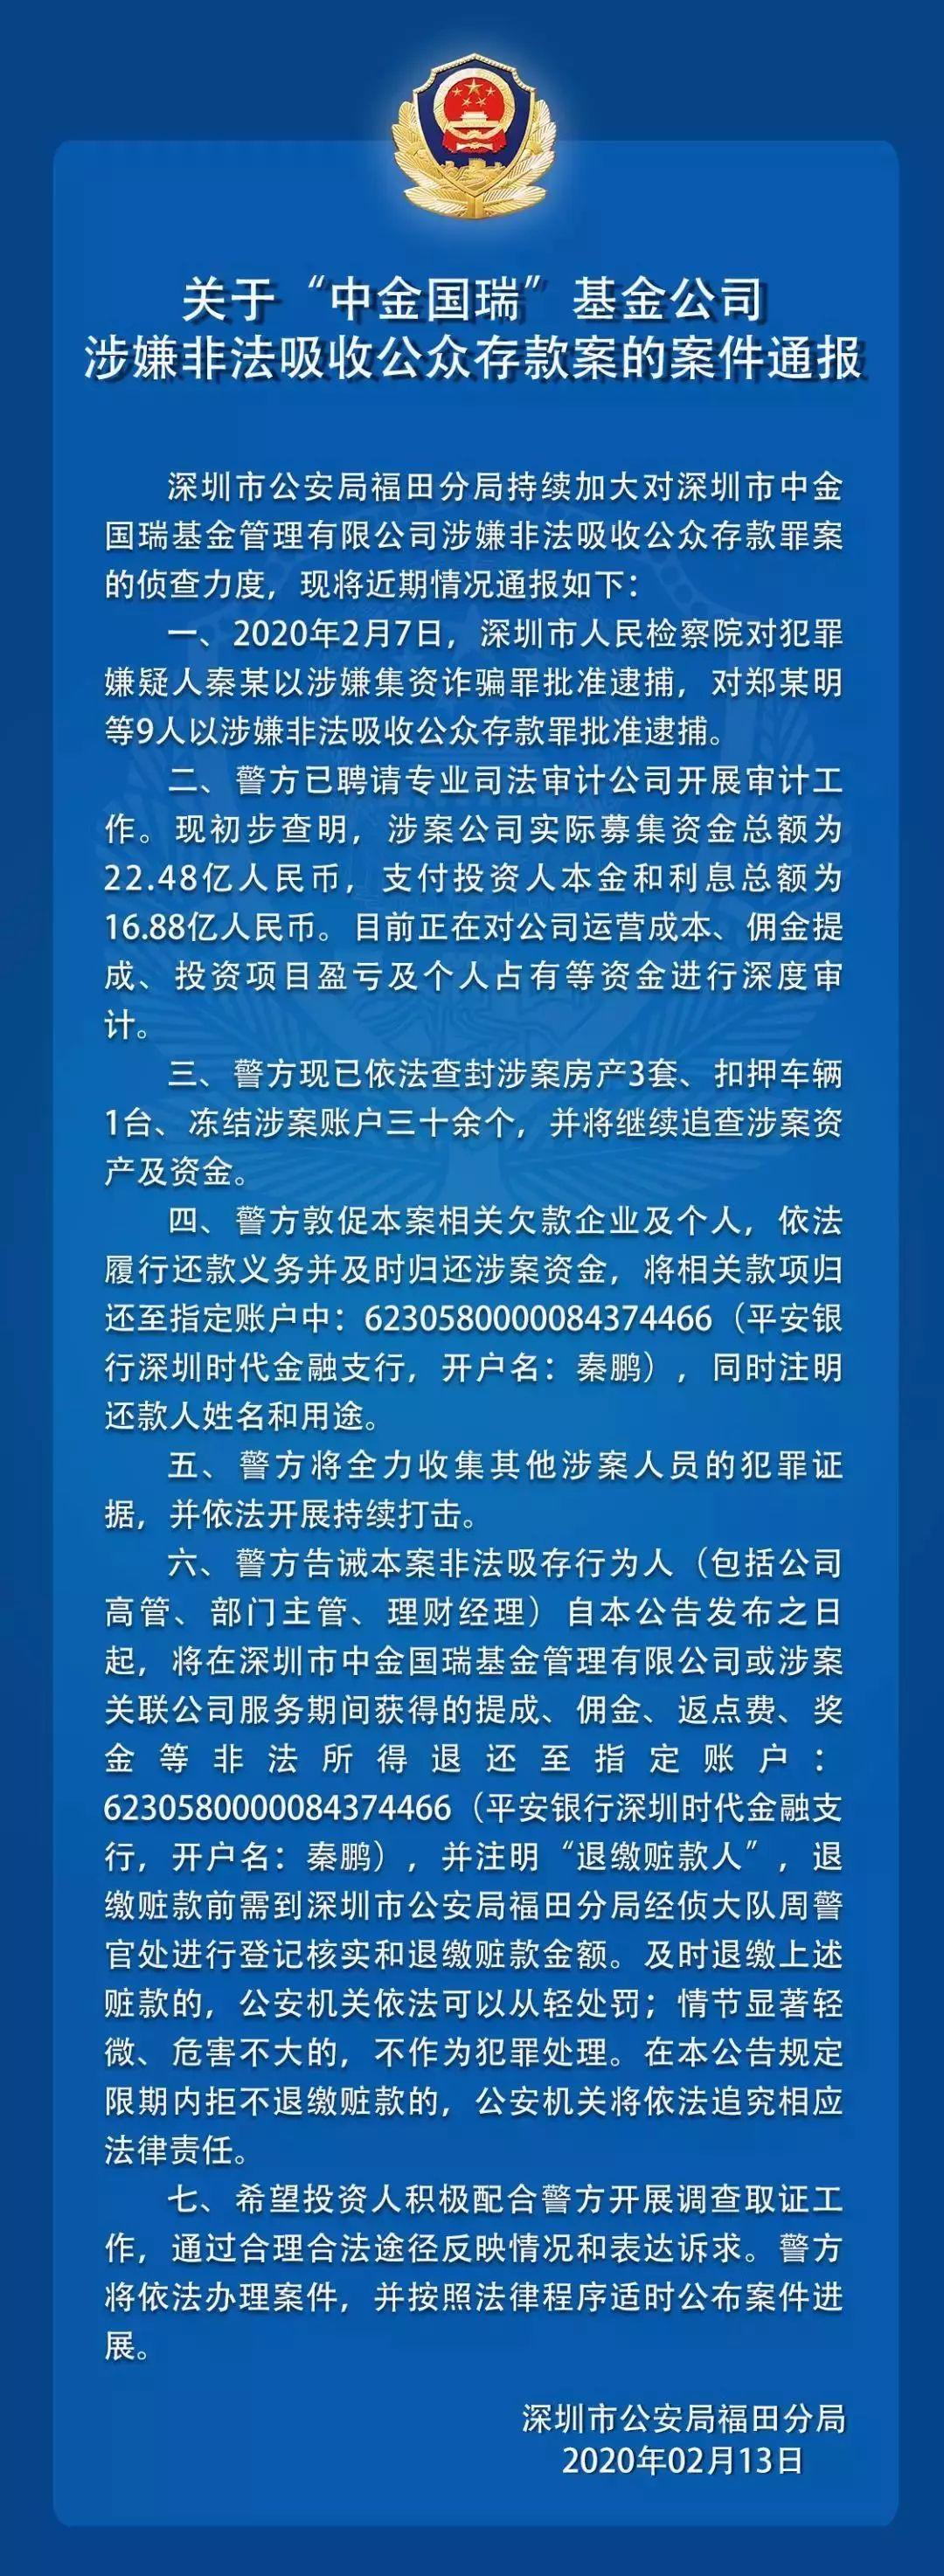 深圳证监局发布个别私募管理人涉嫌非法集资风险警示